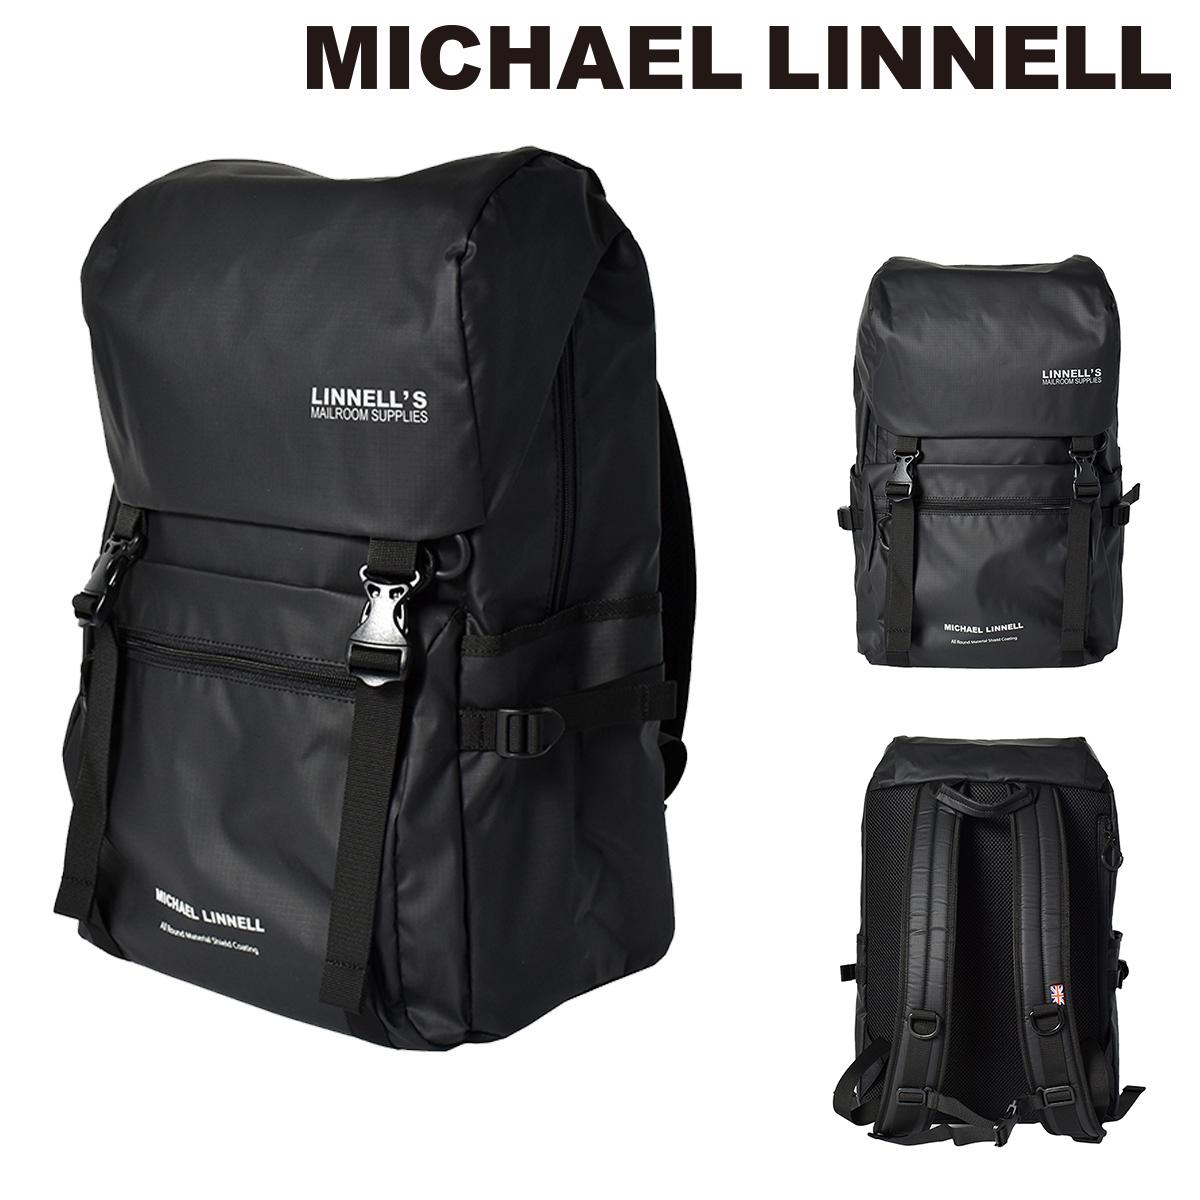 マイケルリンネル リュック メンズ レディース 27L MLAC-08   MICHAEL LINNELL リュックサック スクエア 軽量 撥水 ナイロン【PO10】